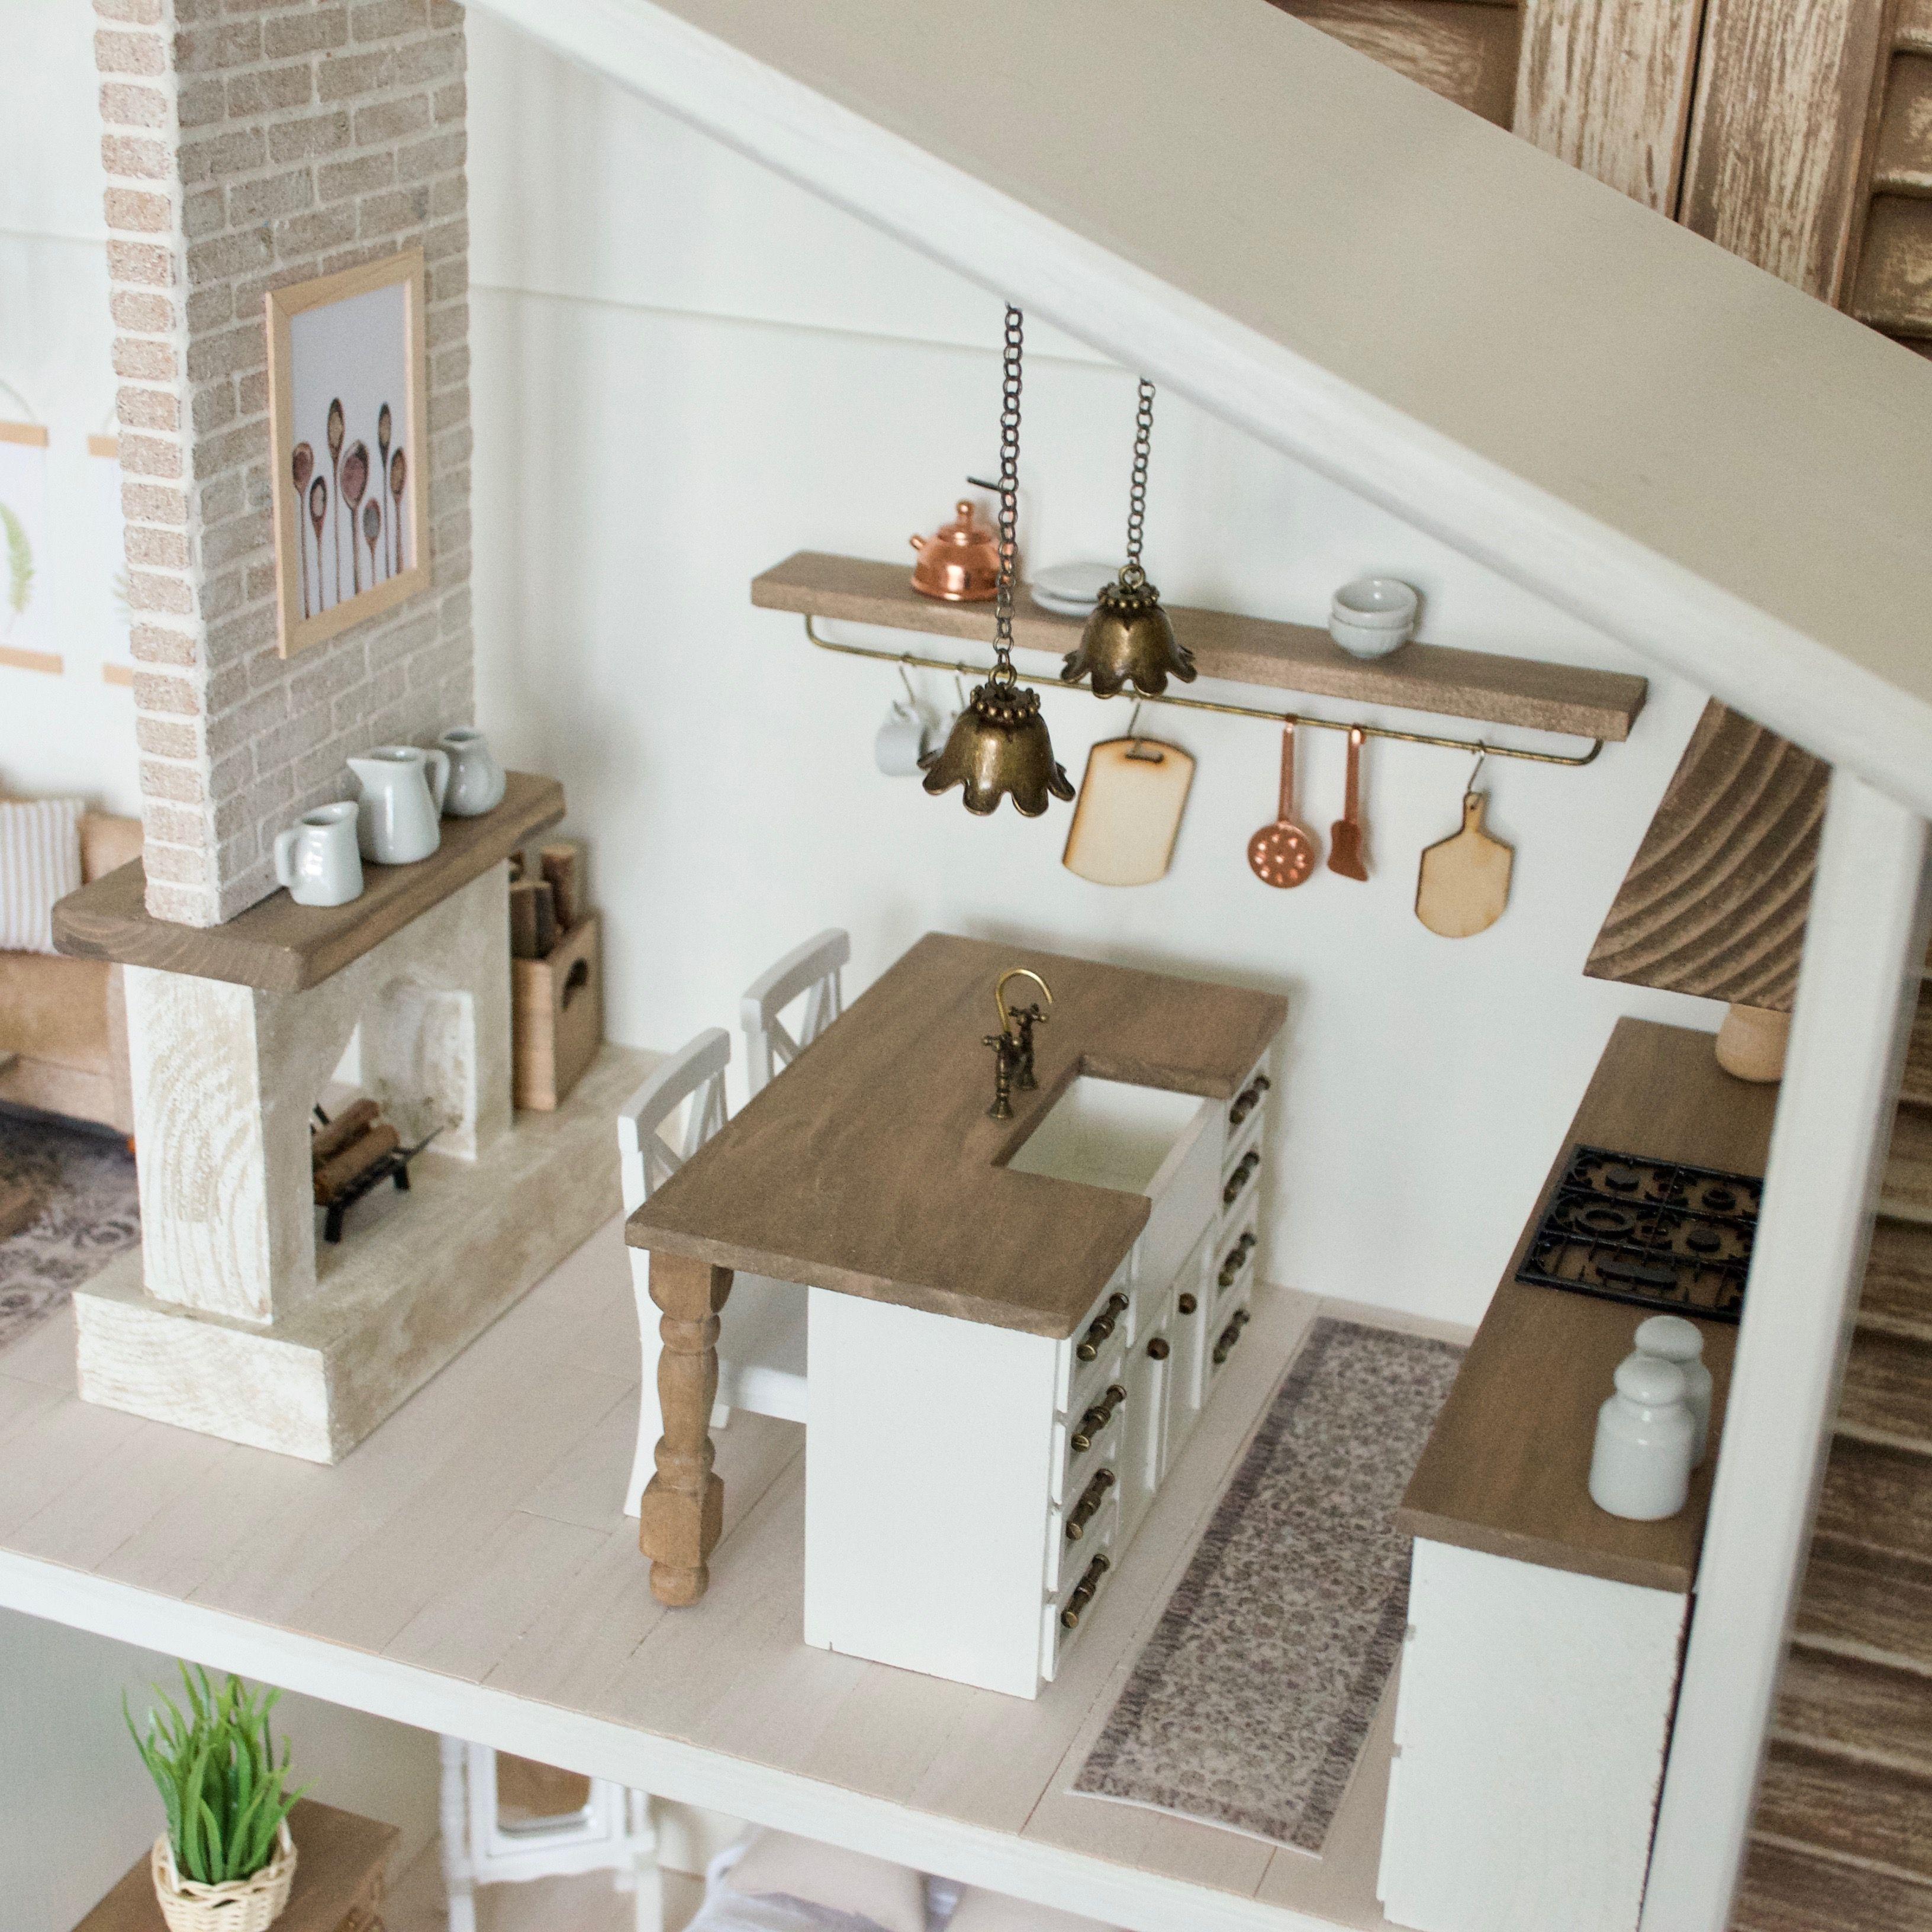 mini adventures co.   designer dollhouses, decor & tutorials